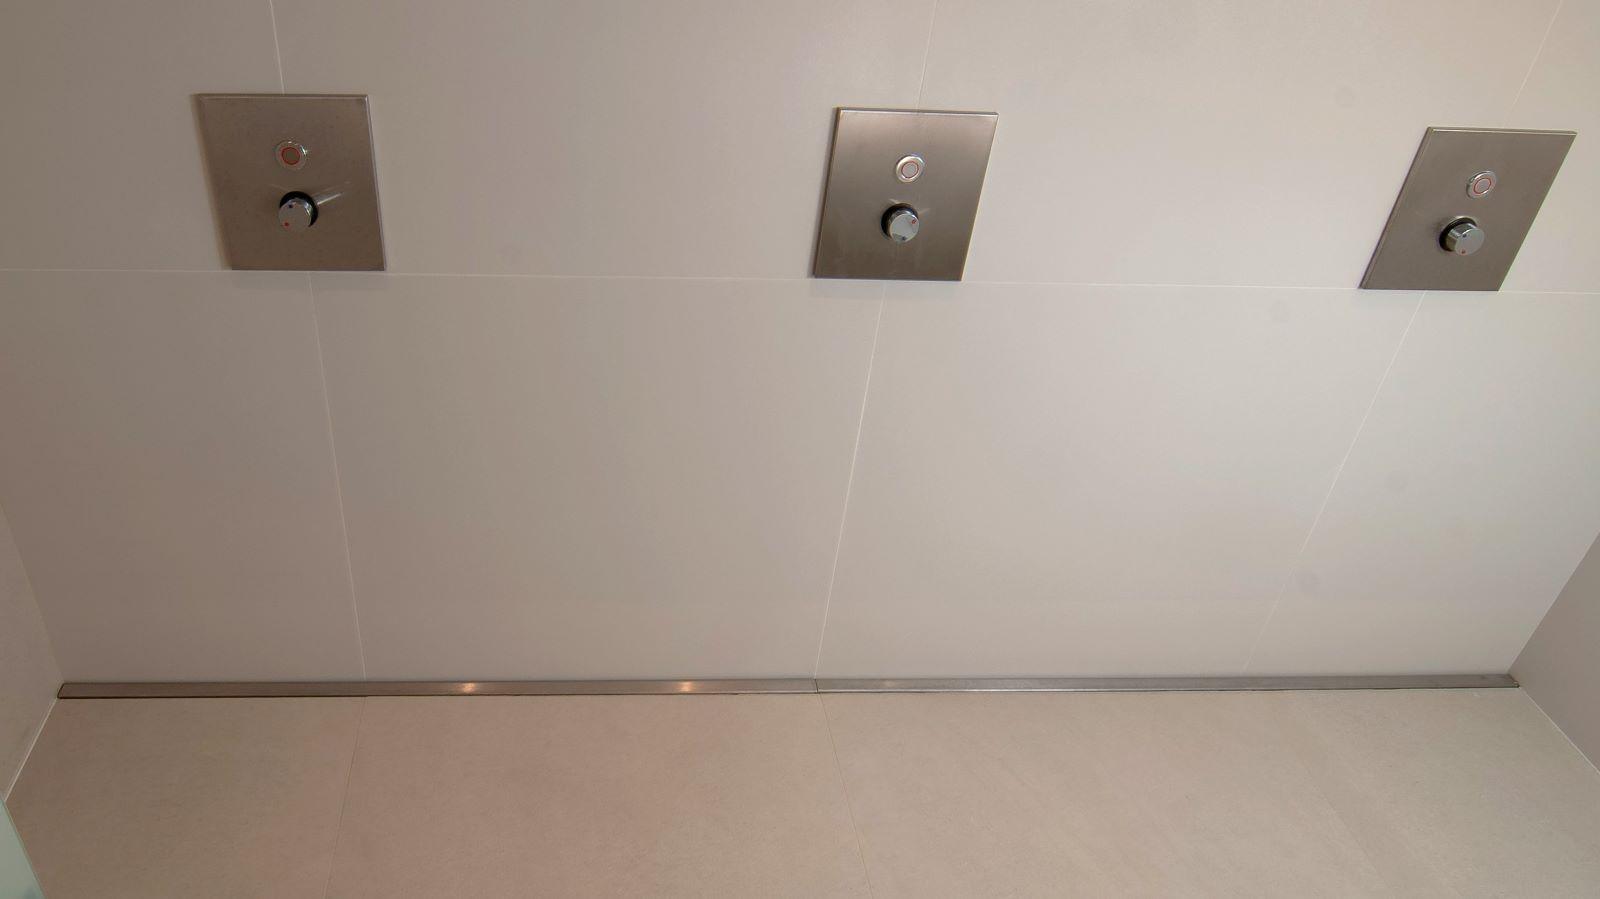 Abgebildet ist die unauffaellige, unempfindliche v4a edelstahl-duschrinne pro xxl, hier wandbuendig in einer reihendusche installiert. Durch die passgenau gefertigte, extra lange duschrinne pro xxl kann eine wassergefuehrte fussbodenheizung in der reihendusche verlegt werden. Die duschrinne pro xxl wird cm-genau bis 600 cm massgefertigt.